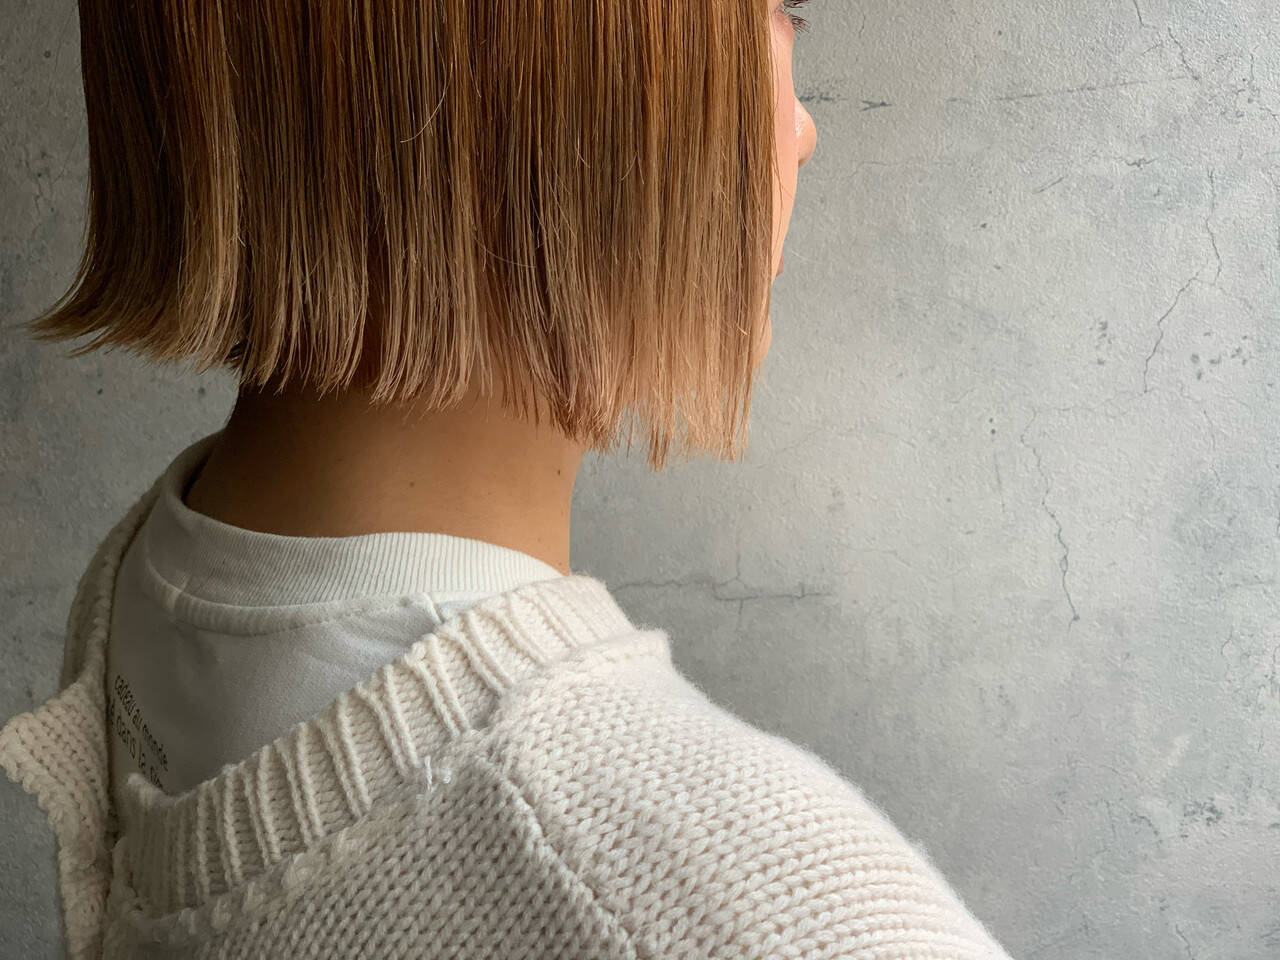 外ハネボブ 切りっぱなしボブ ミニボブ ブリーチヘアスタイルや髪型の写真・画像